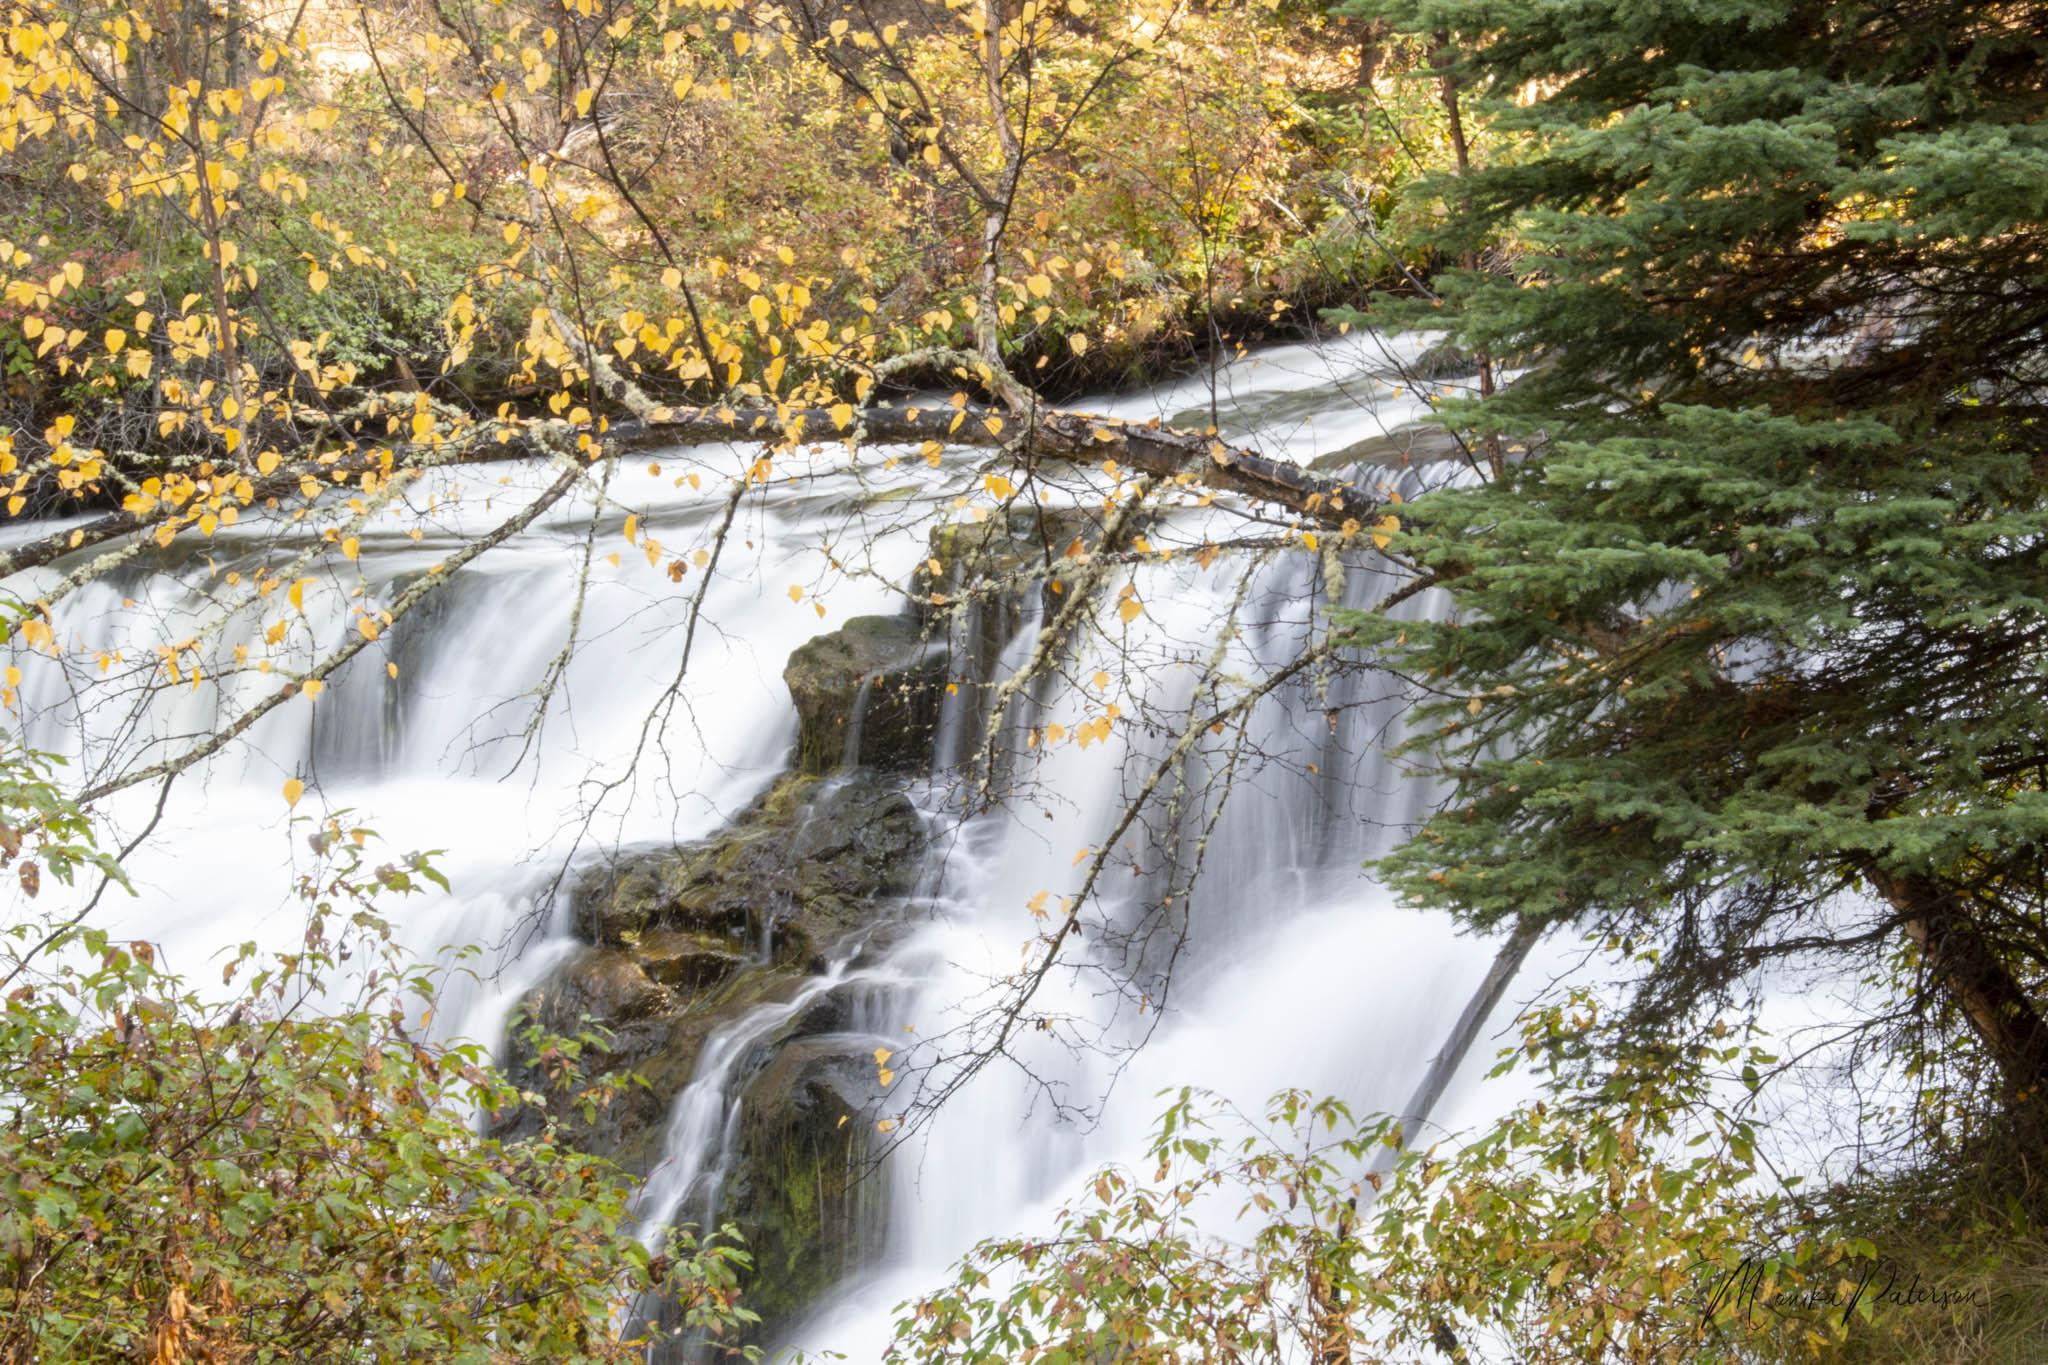 _MP51171 Bridge Creek Falls - Monika Paterson